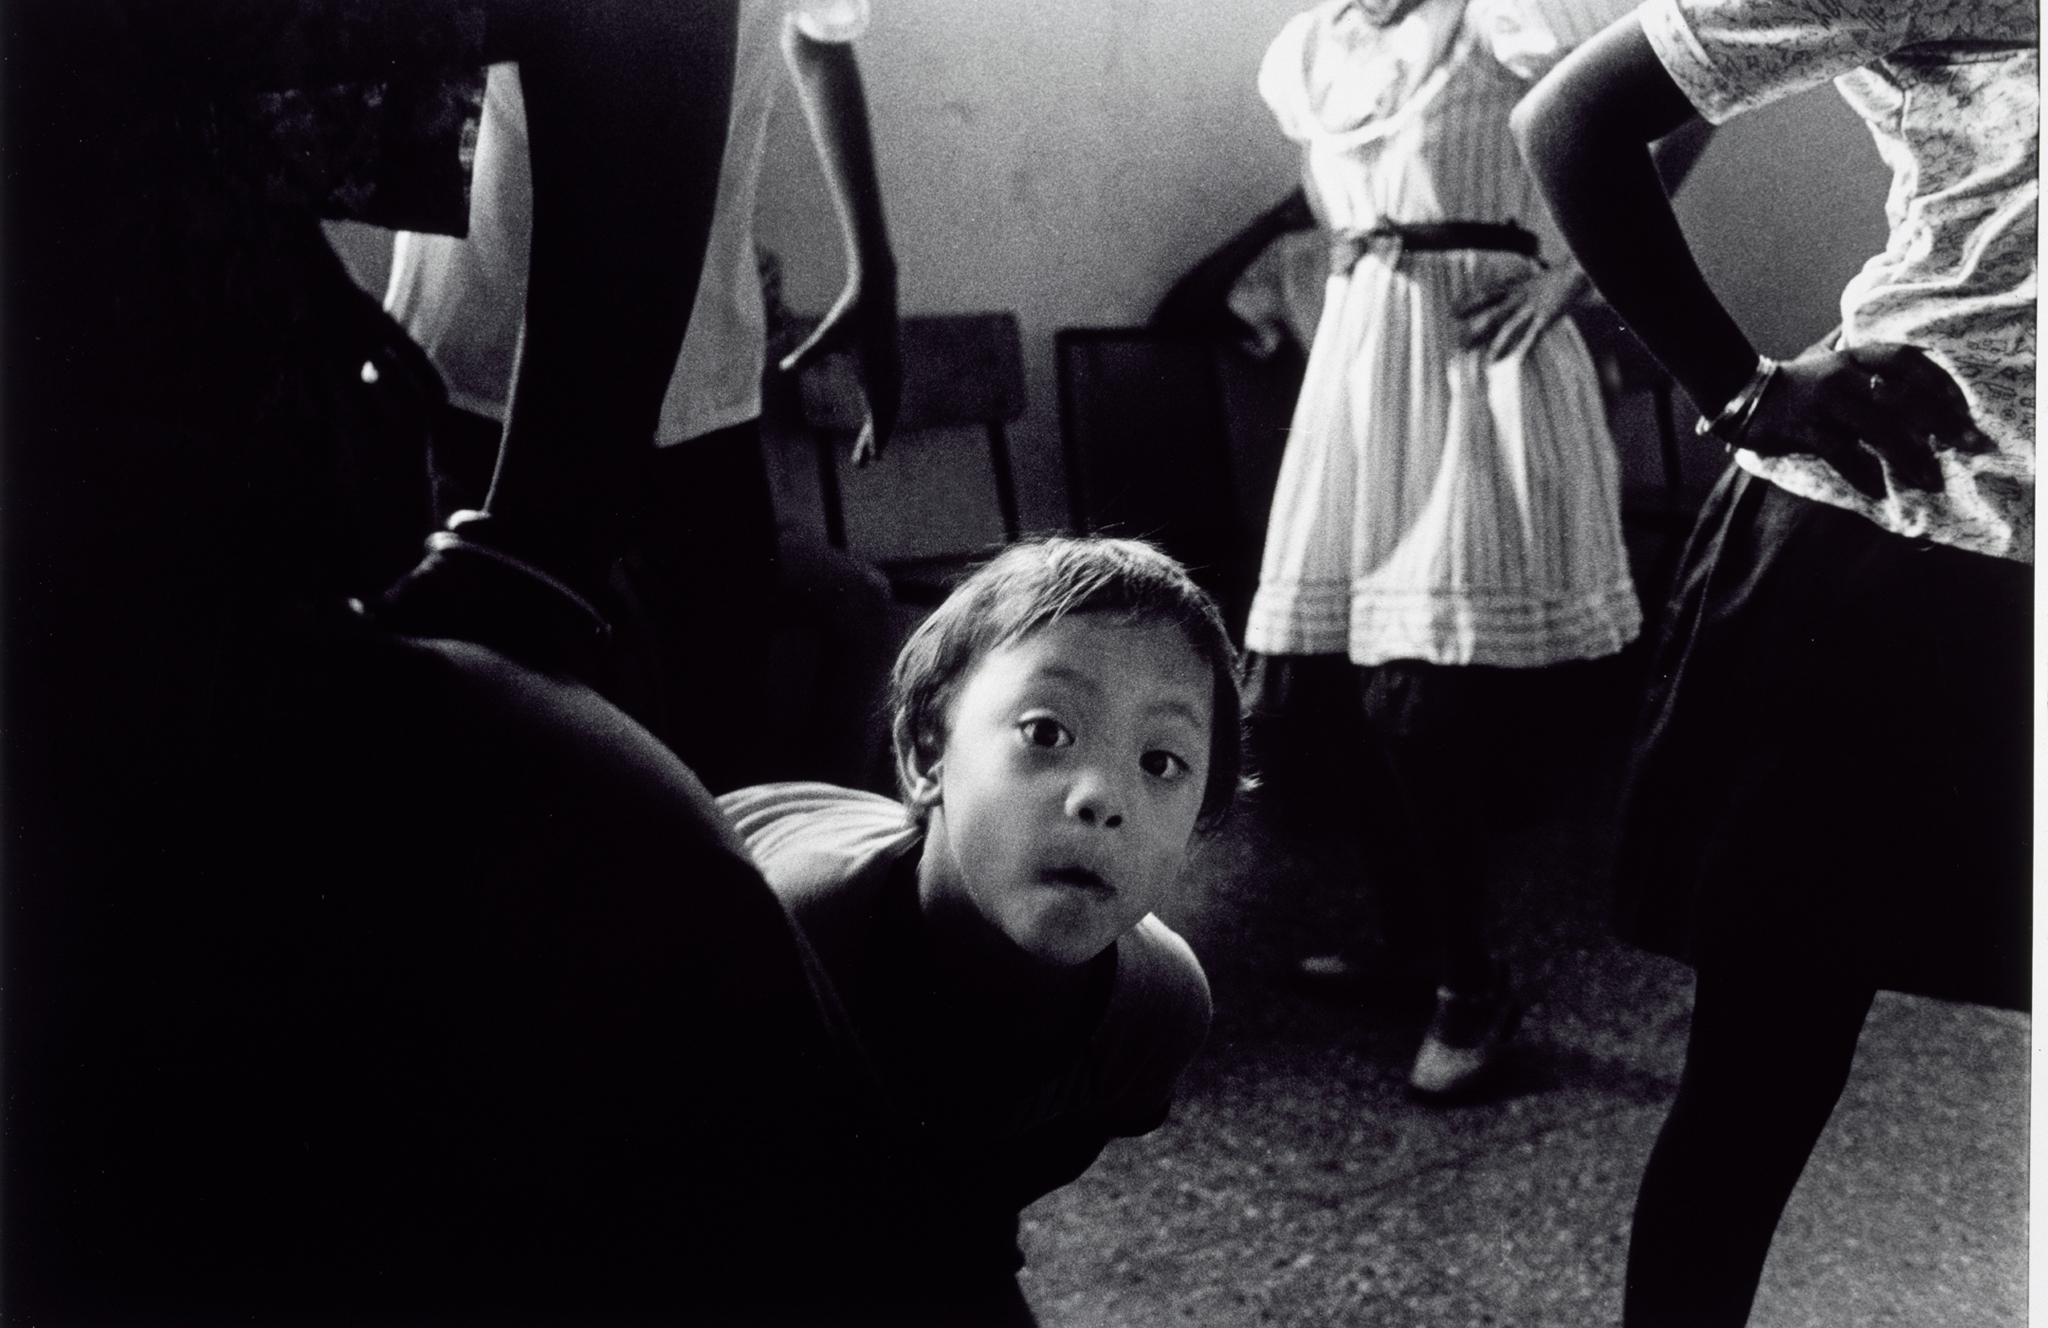 Instituto#7/Havana